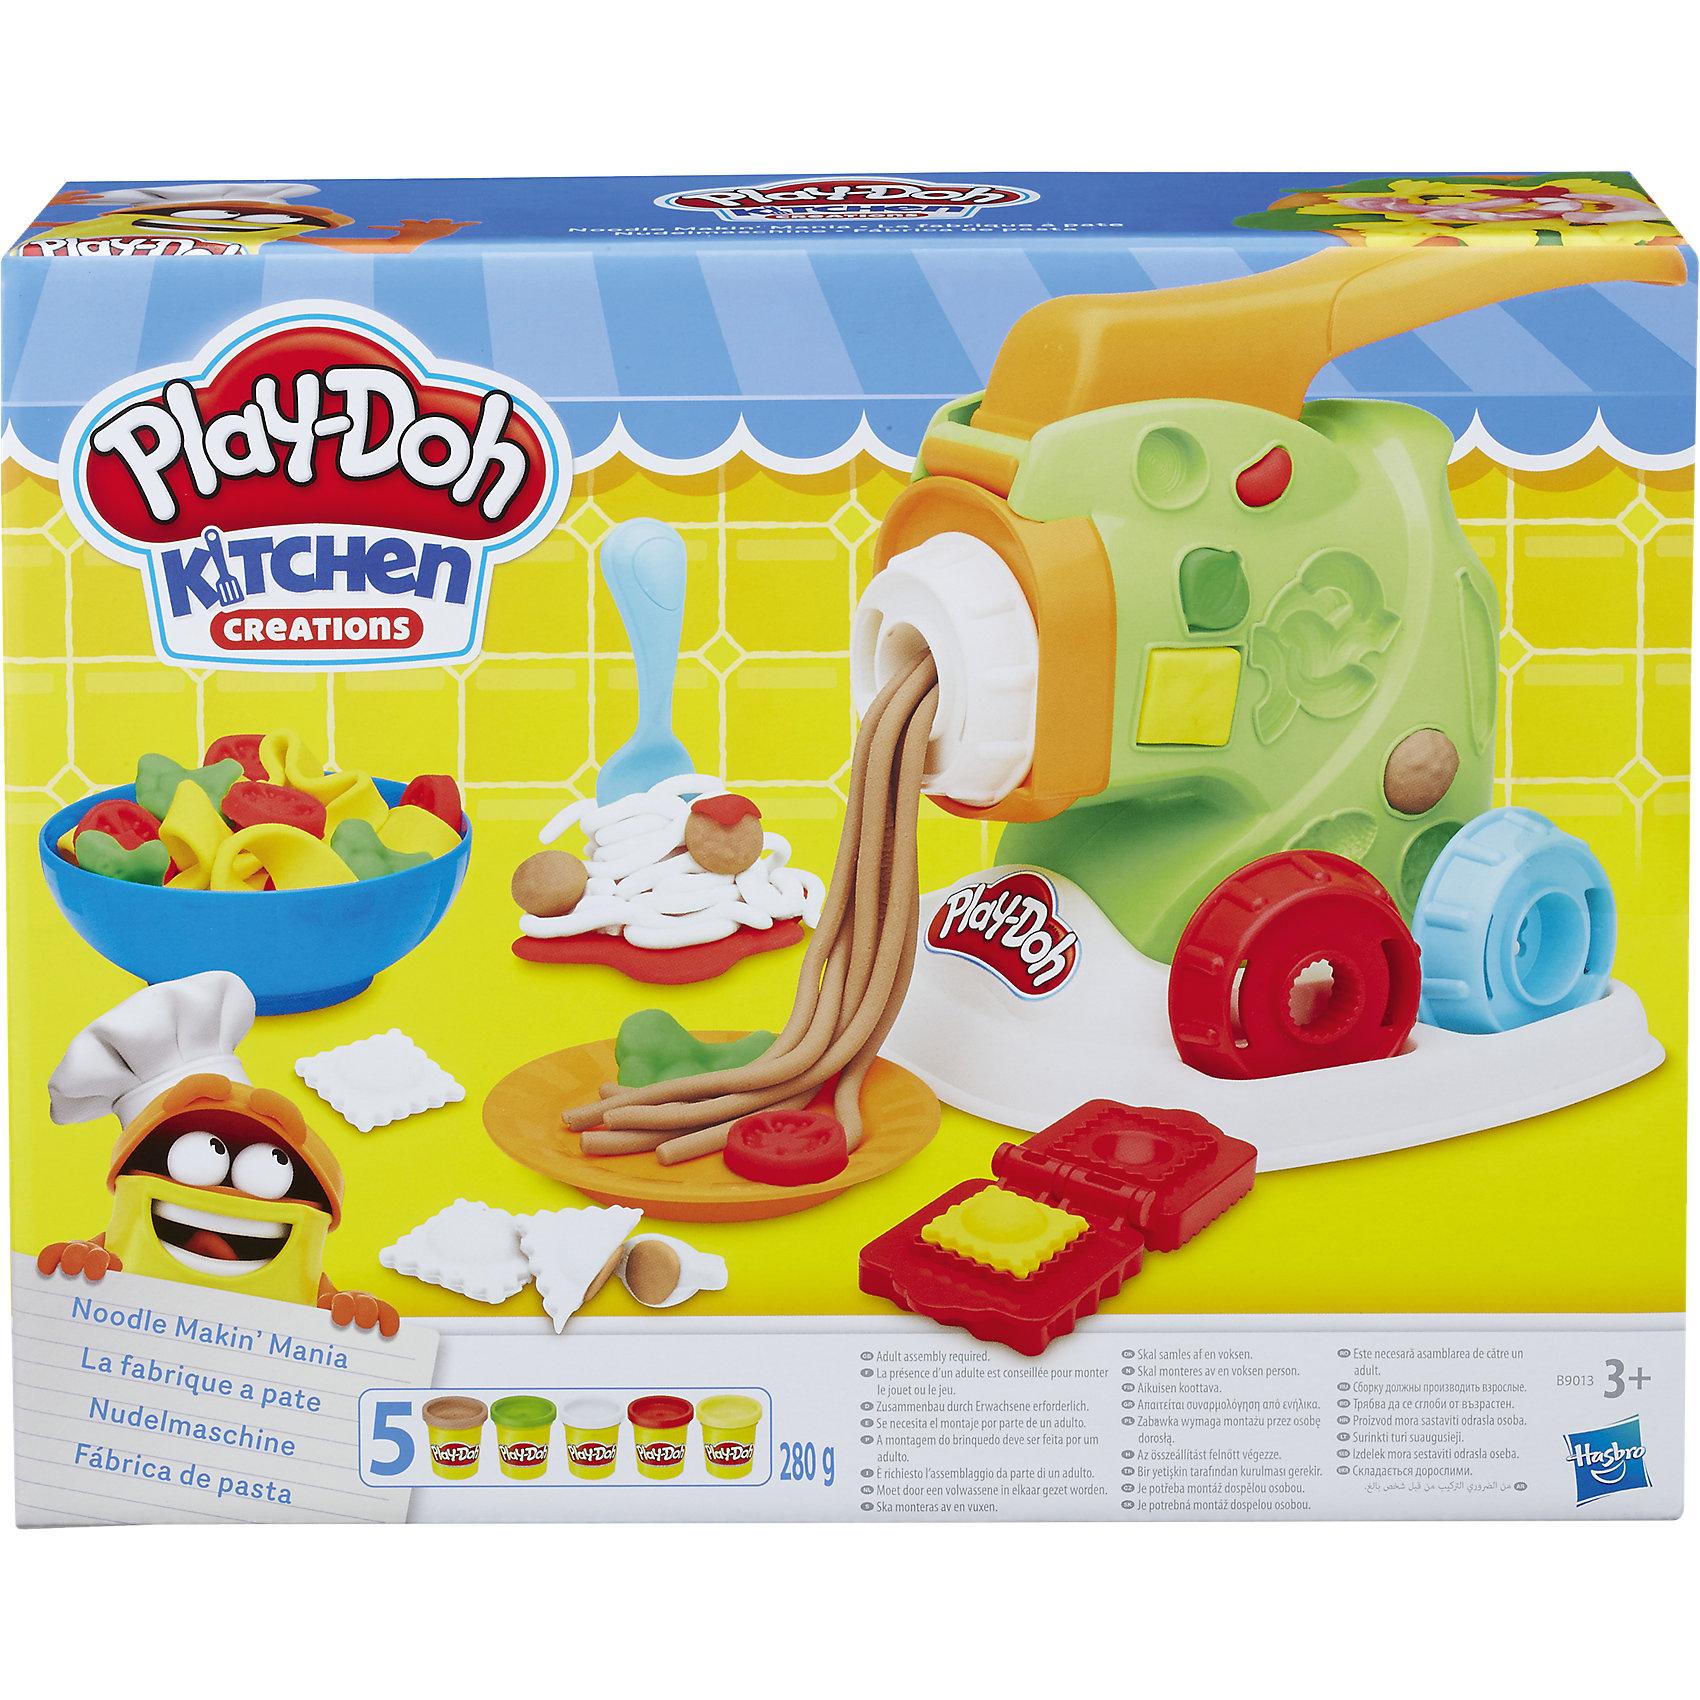 Игровой набор Машинка для лапши, Play-DohЛепка<br>Игровой набор Машинка для лапши, Play-Doh<br><br>Характеристики:<br><br>- в набор входит: 5 цветов теста, машинка для лапши, подставка, 4 насадки, 2 тарелки-формы, форма для пельменей, ножичек <br>- состав теста: вода, мука, соль, красители<br>- размер упаковки: 28 * 8 * 22 см.<br>- вес: 840 гр.<br>- для детей в возрасте: от 3 до 7 лет<br>- Страна производитель: Китай<br><br>Тесто для лепки Play-Doh (Плей-До) от известного американского производителя товаров для детей Hasbro (Хасбро) понравится детям, которые знакомятся с лепкой. Мягкое, безопасное, нетоксичное тесто состоит из натуральных компонентов, не прилипает к пальчикам и прекрасно смешивается между собой. Этот набор отличается своей оригинальной тематикой и понравится детишкам интересующимся кухней и тем, как же готовят лапшу и макароны. Машинка для лапши идет в комплекте с практичной подставкой, в которую вставляются 4 насадки для разного типа лапши. Специальные выемки-формочки на машинке помогут сделать макароны в форме бантиков, зайчиков, паравозика, ракушки, листика, колесика, а также и другие продукты – грибы, креветки, кольца морковки, чтобы ваша паста была незабываемой! <br><br>Небольшая скалочка входит в набор и помогает раскатывать тесто перед использованием форм. Крутящийся пластиковый ножичек с волнистым лезвием сделает отличную волнистую работу на кухне. Формочка для пельменей-равиолли поможет поместить начинку в серединку и сделать отличное блюдо! На обратной стороне тарелочки формочки салата и перчика, а в глубокой тарелки отпечатки помидора, сельдерея и редиса. В набор вошли пять отдельных закрывающихся баночек с желтым, красным, зеленым, белым и светло-бежевым тестом. <br><br>Цвета теста можно легко комбинировать между собой и смешивать, можно купить любое тесто для лепки Play-Doh (Плей-До) и оно сможет смешаться с тестом из набора. Не рекомендуется хранить тесто для лепки на открытом воздухе. Работа с тестом для лепки помогает развить моторик